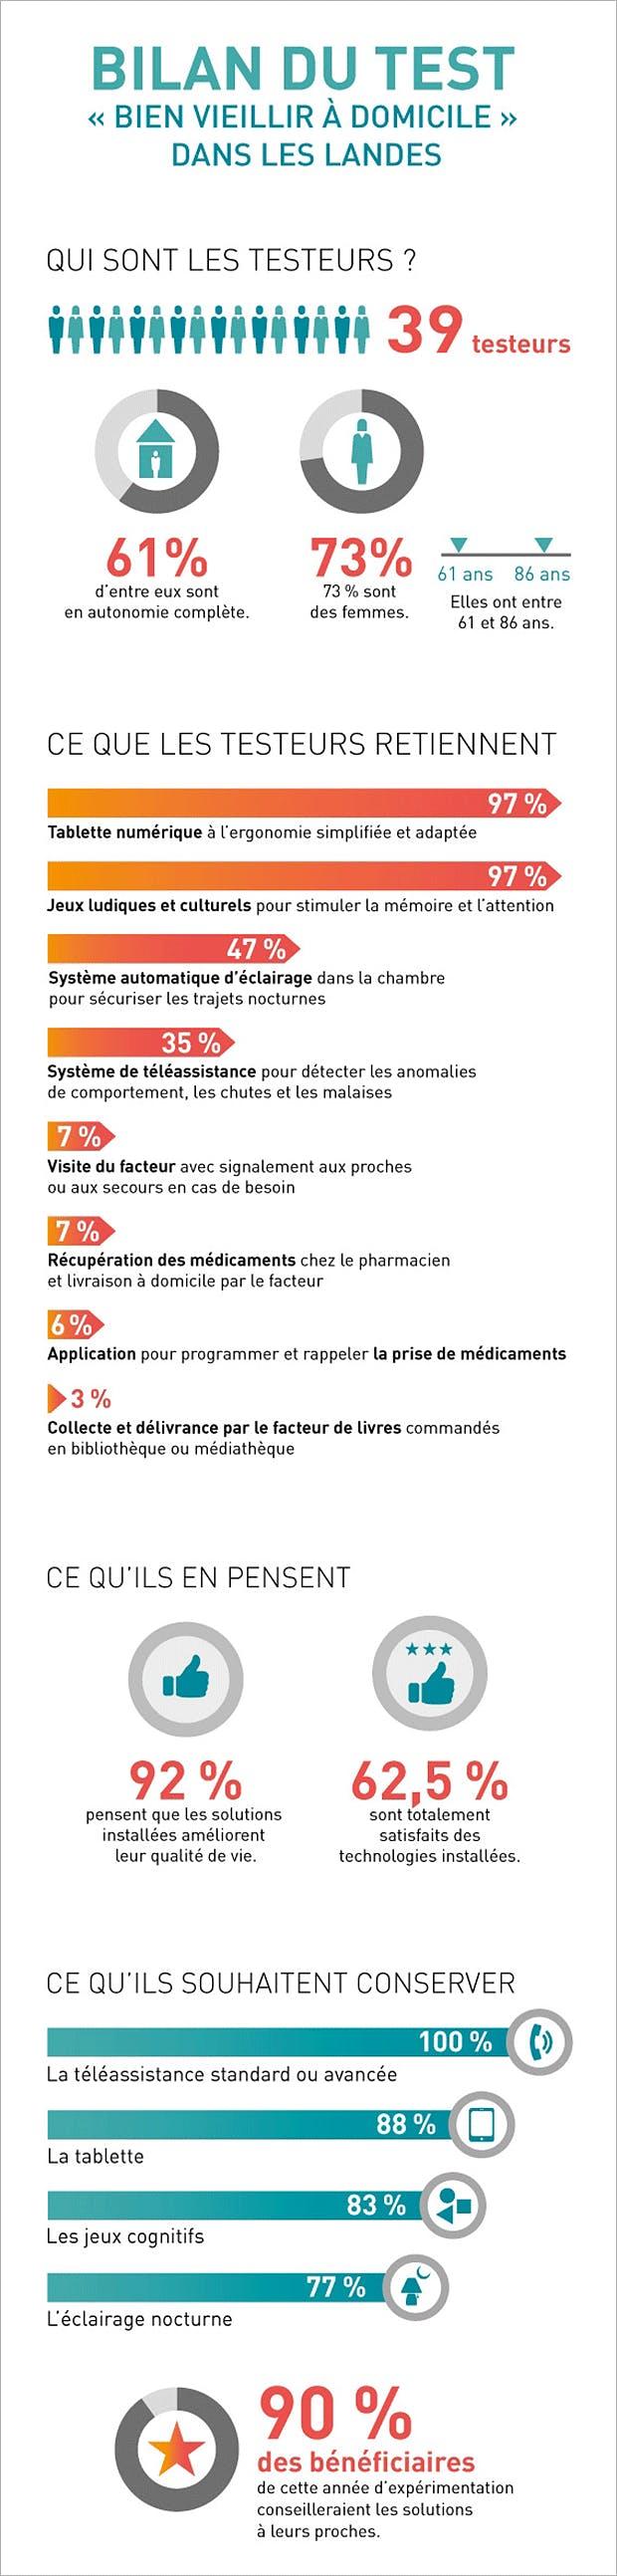 """Infographie """"Bien Vieillir à domicile dans les Landes"""""""